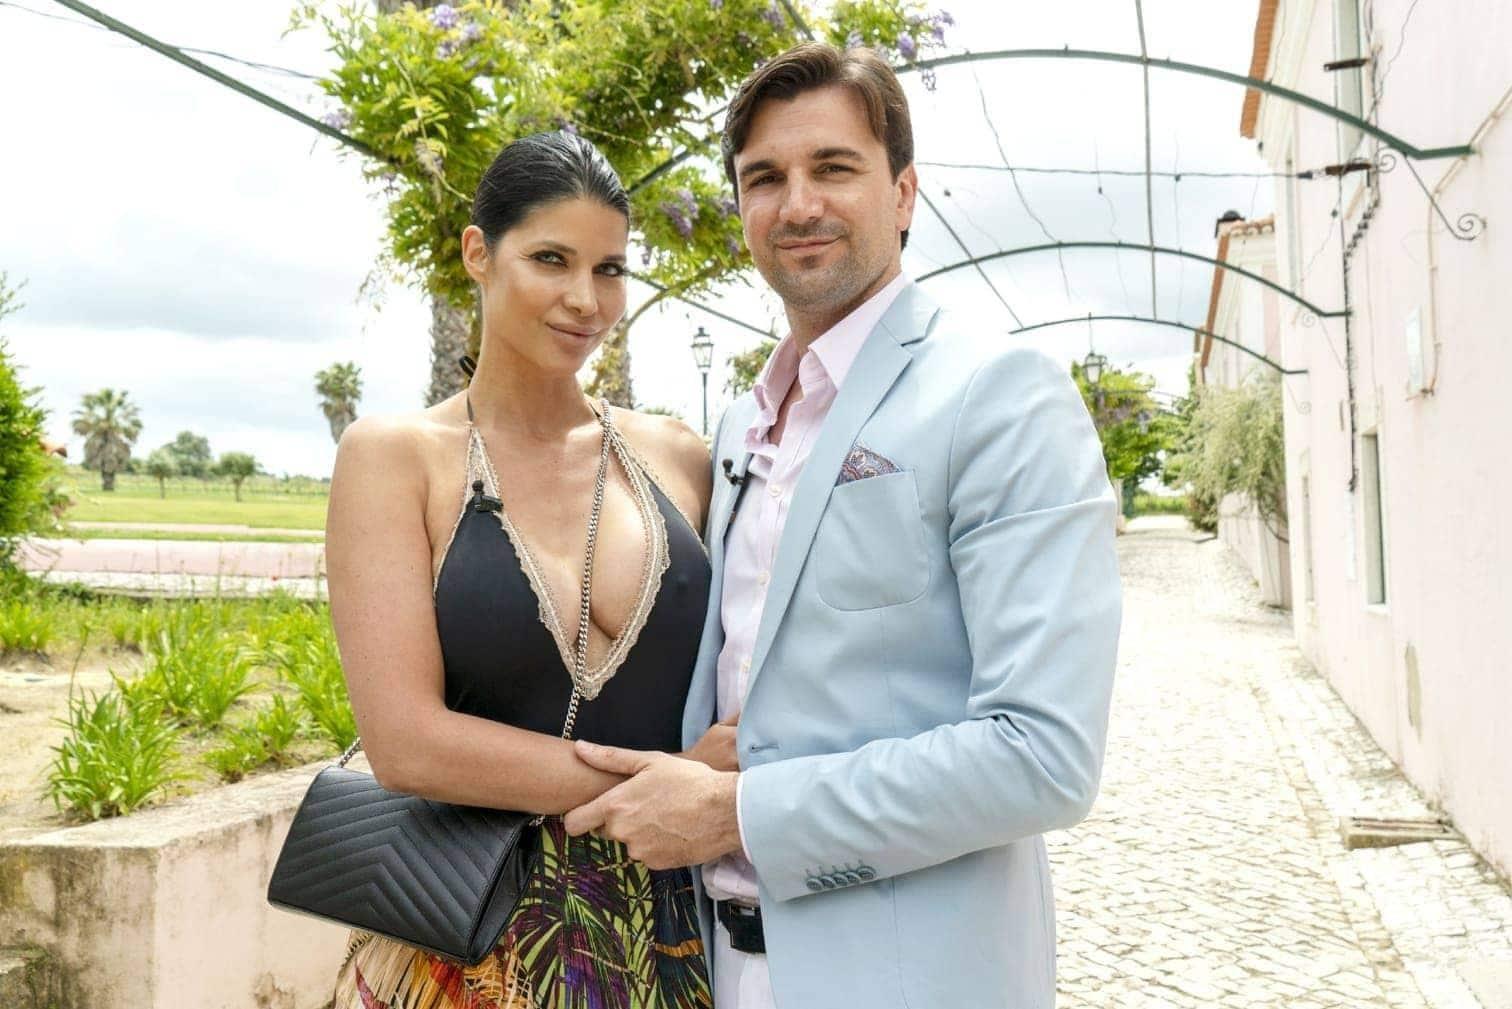 <p>Erotikmodel und DJane Micaela Schäfer zieht mit ihrem Partner